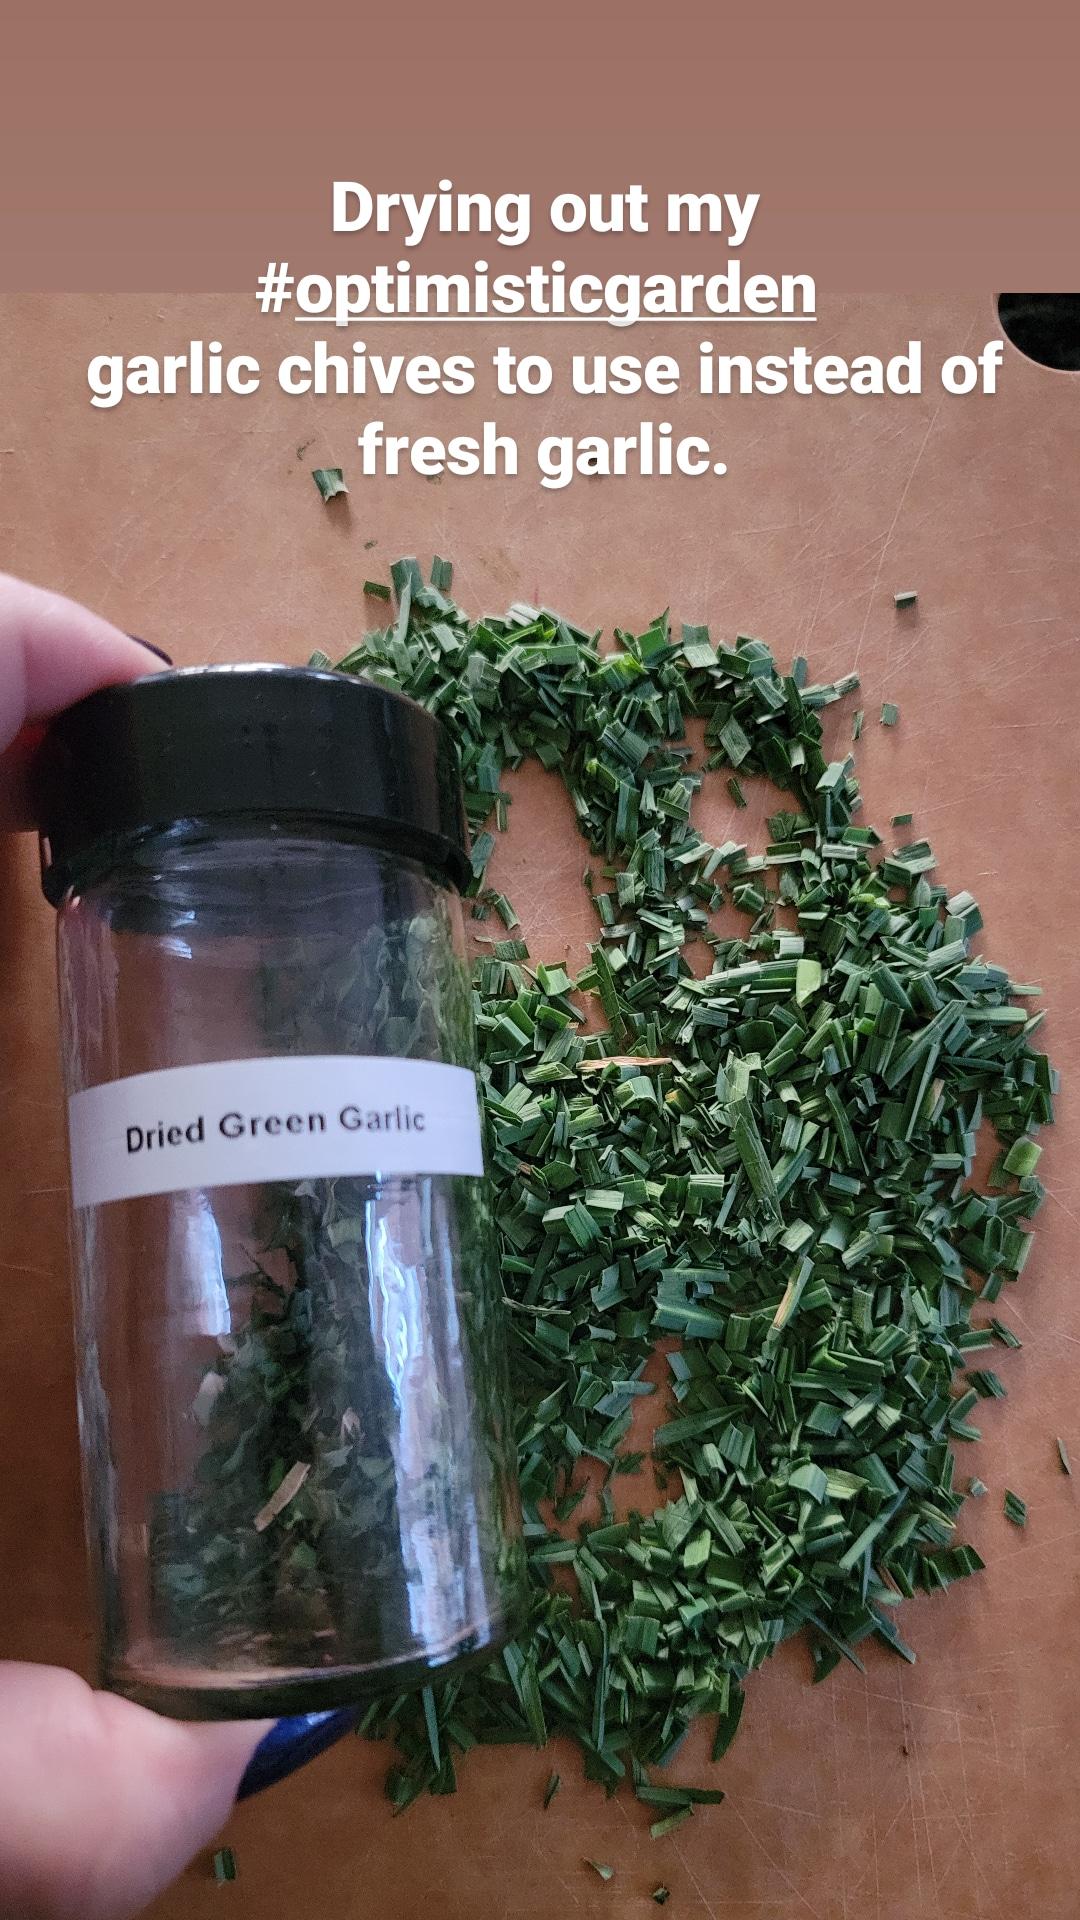 Dehydrated Green Garlic